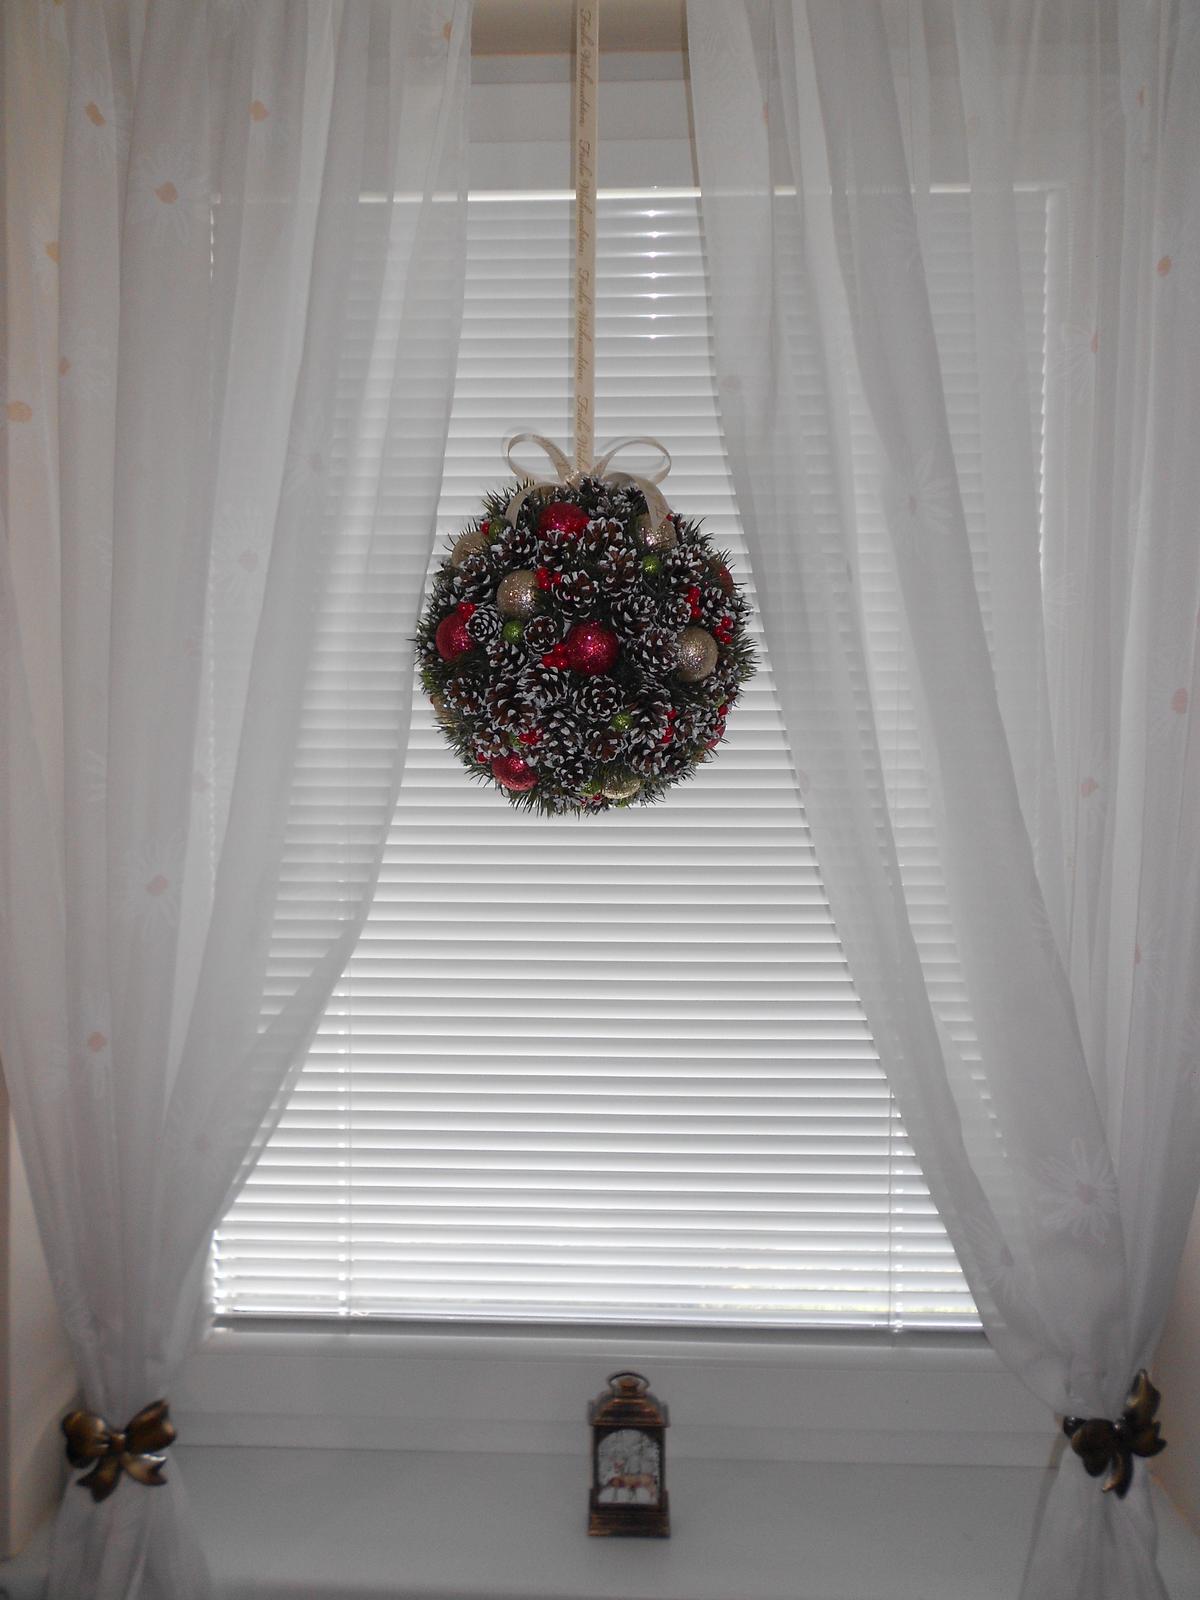 vianočná guľa - Obrázok č. 3